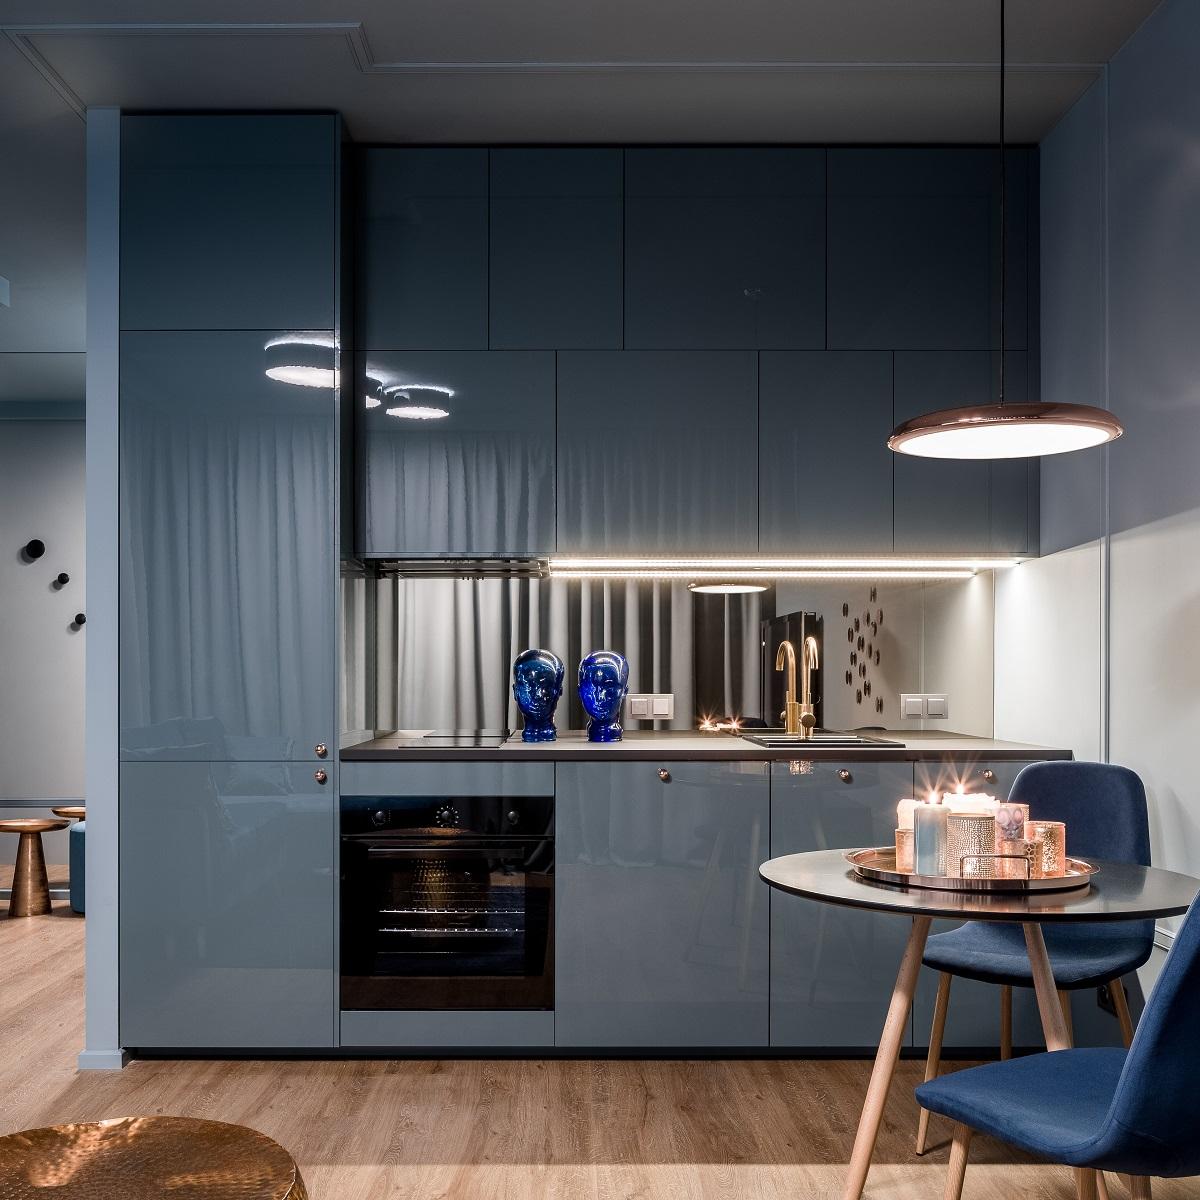 Full Size of Küche Blau Blaue Kchen Kchendesignmagazin Lassen Sie Sich Inspirieren Raffrollo Deckenleuchten Abluftventilator Miniküche Mit Kühlschrank Holzregal Outdoor Wohnzimmer Küche Blau